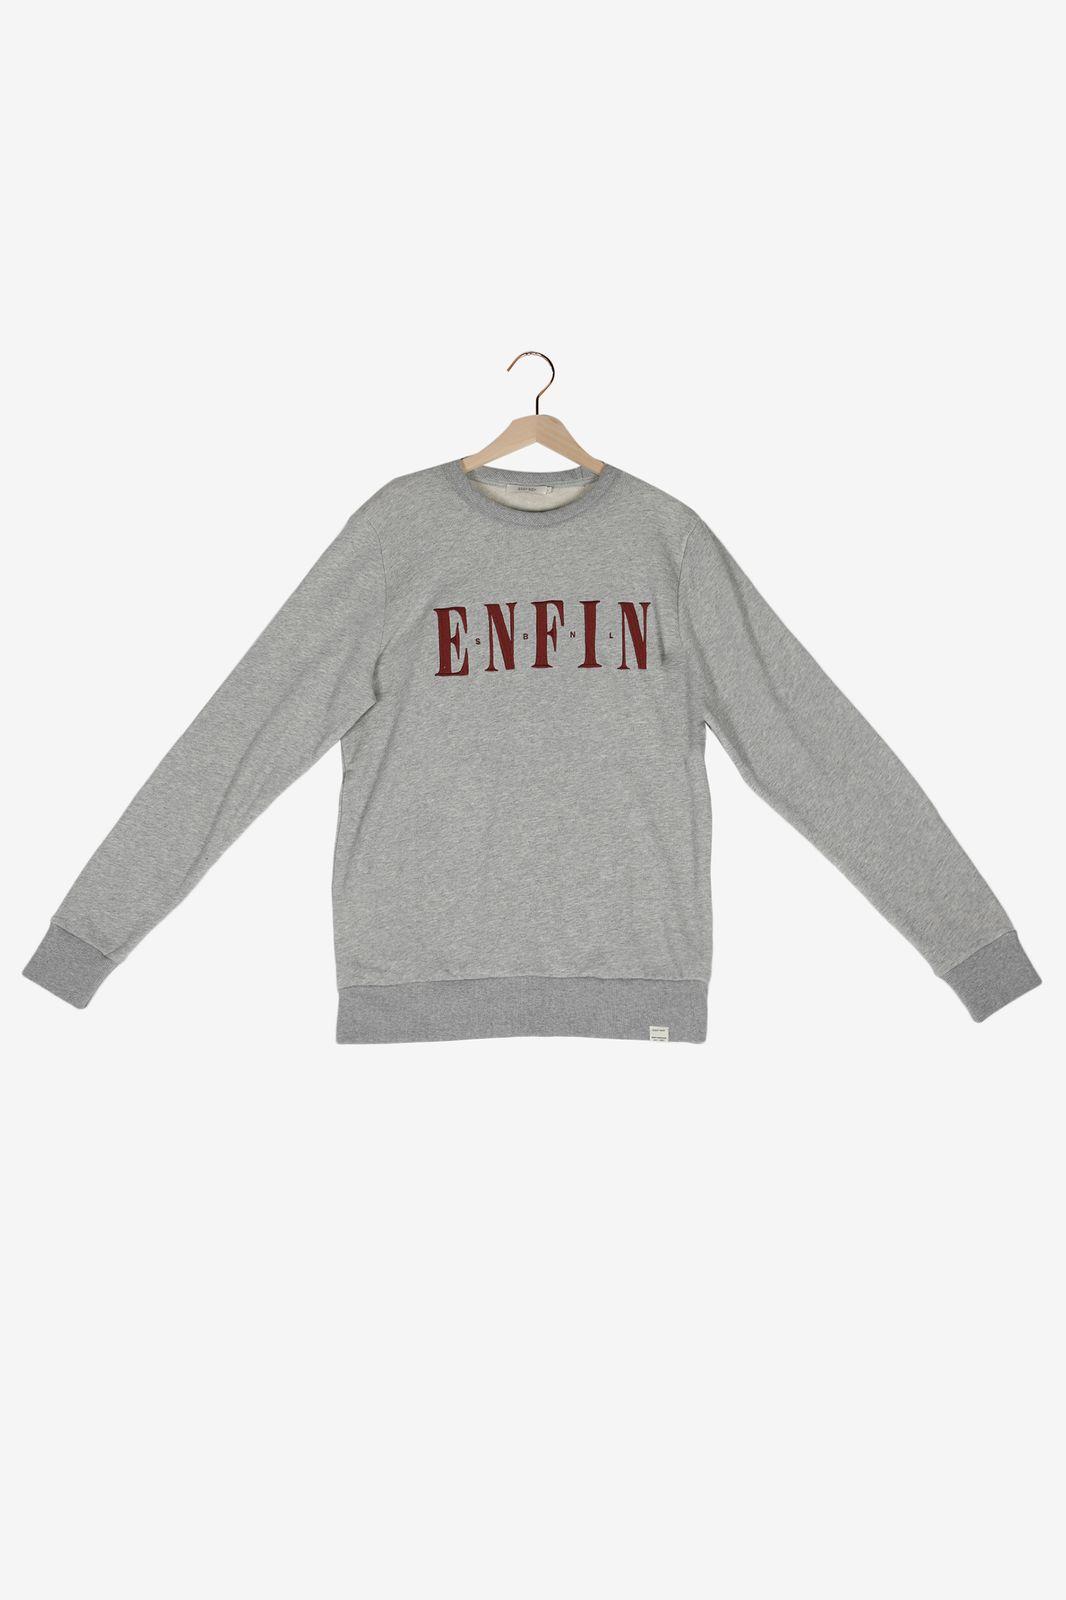 Grijze sweater met tekst